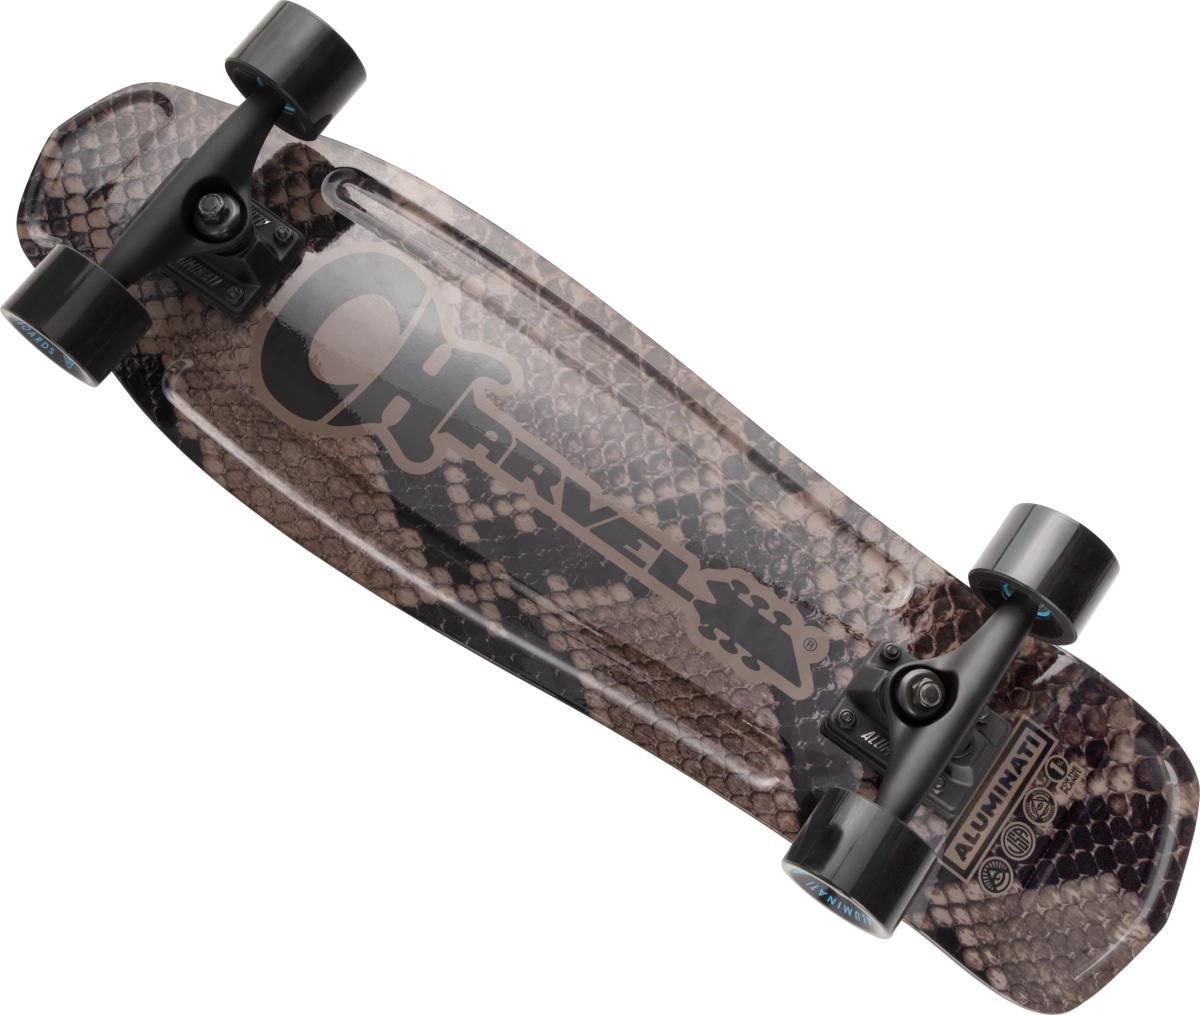 Charvel Snake Skateboard